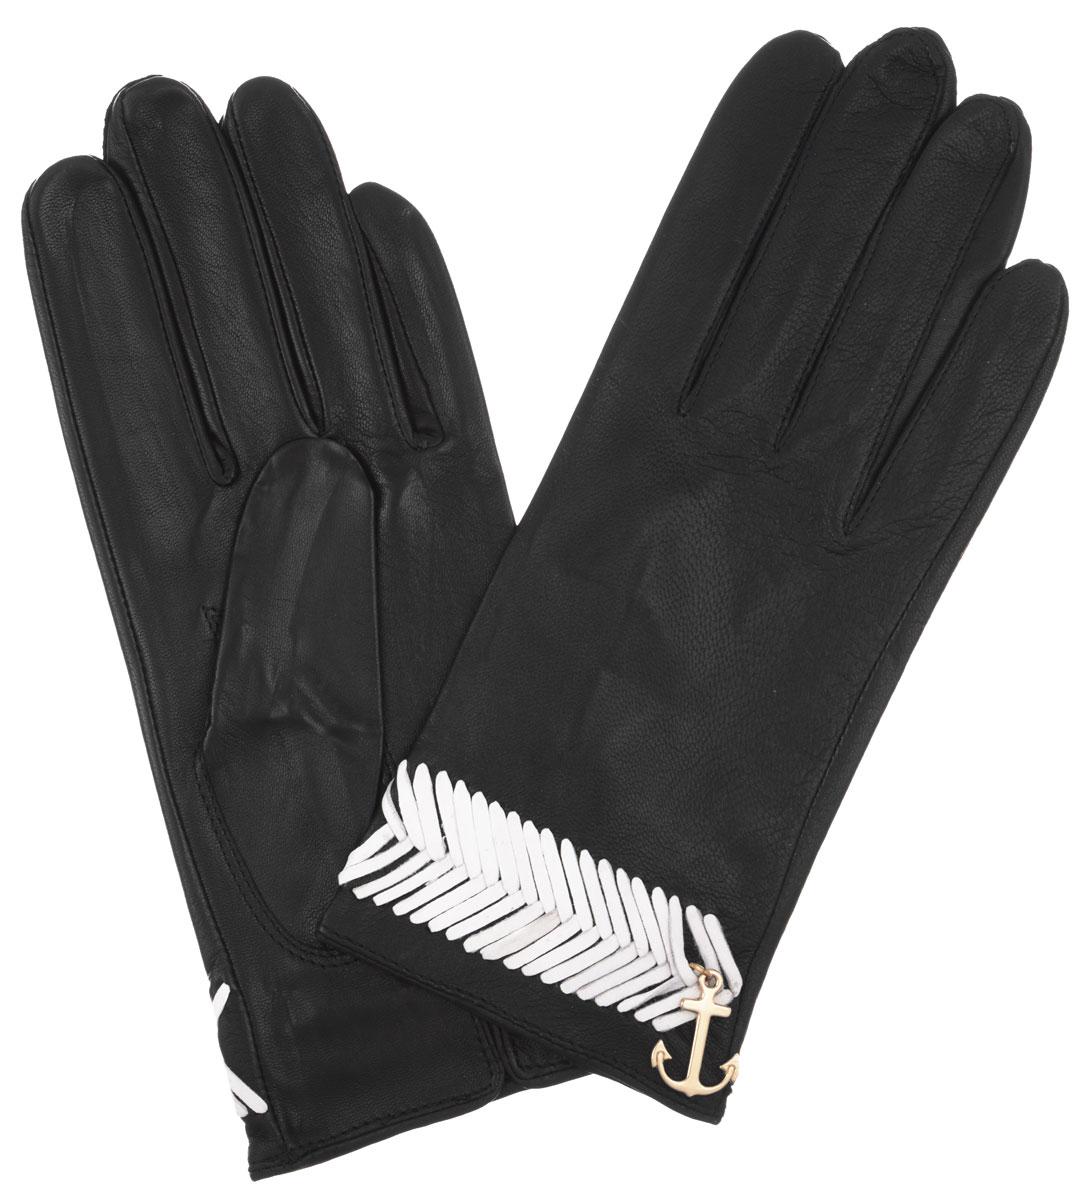 Перчатки женские. HP290HP290Стильные женские перчатки Eleganzza не только защитят ваши руки, но и станут великолепным украшением. Они выполнены из мягкой и приятной на ощупь кожи. Декорированы шнурочным плетением и подвеской в виде якоря. На внутренней стороне манжеты - небольшой разрез. Такие перчатки станут идеальным аксессуаром, дополняющим ваш стиль и неповторимость.